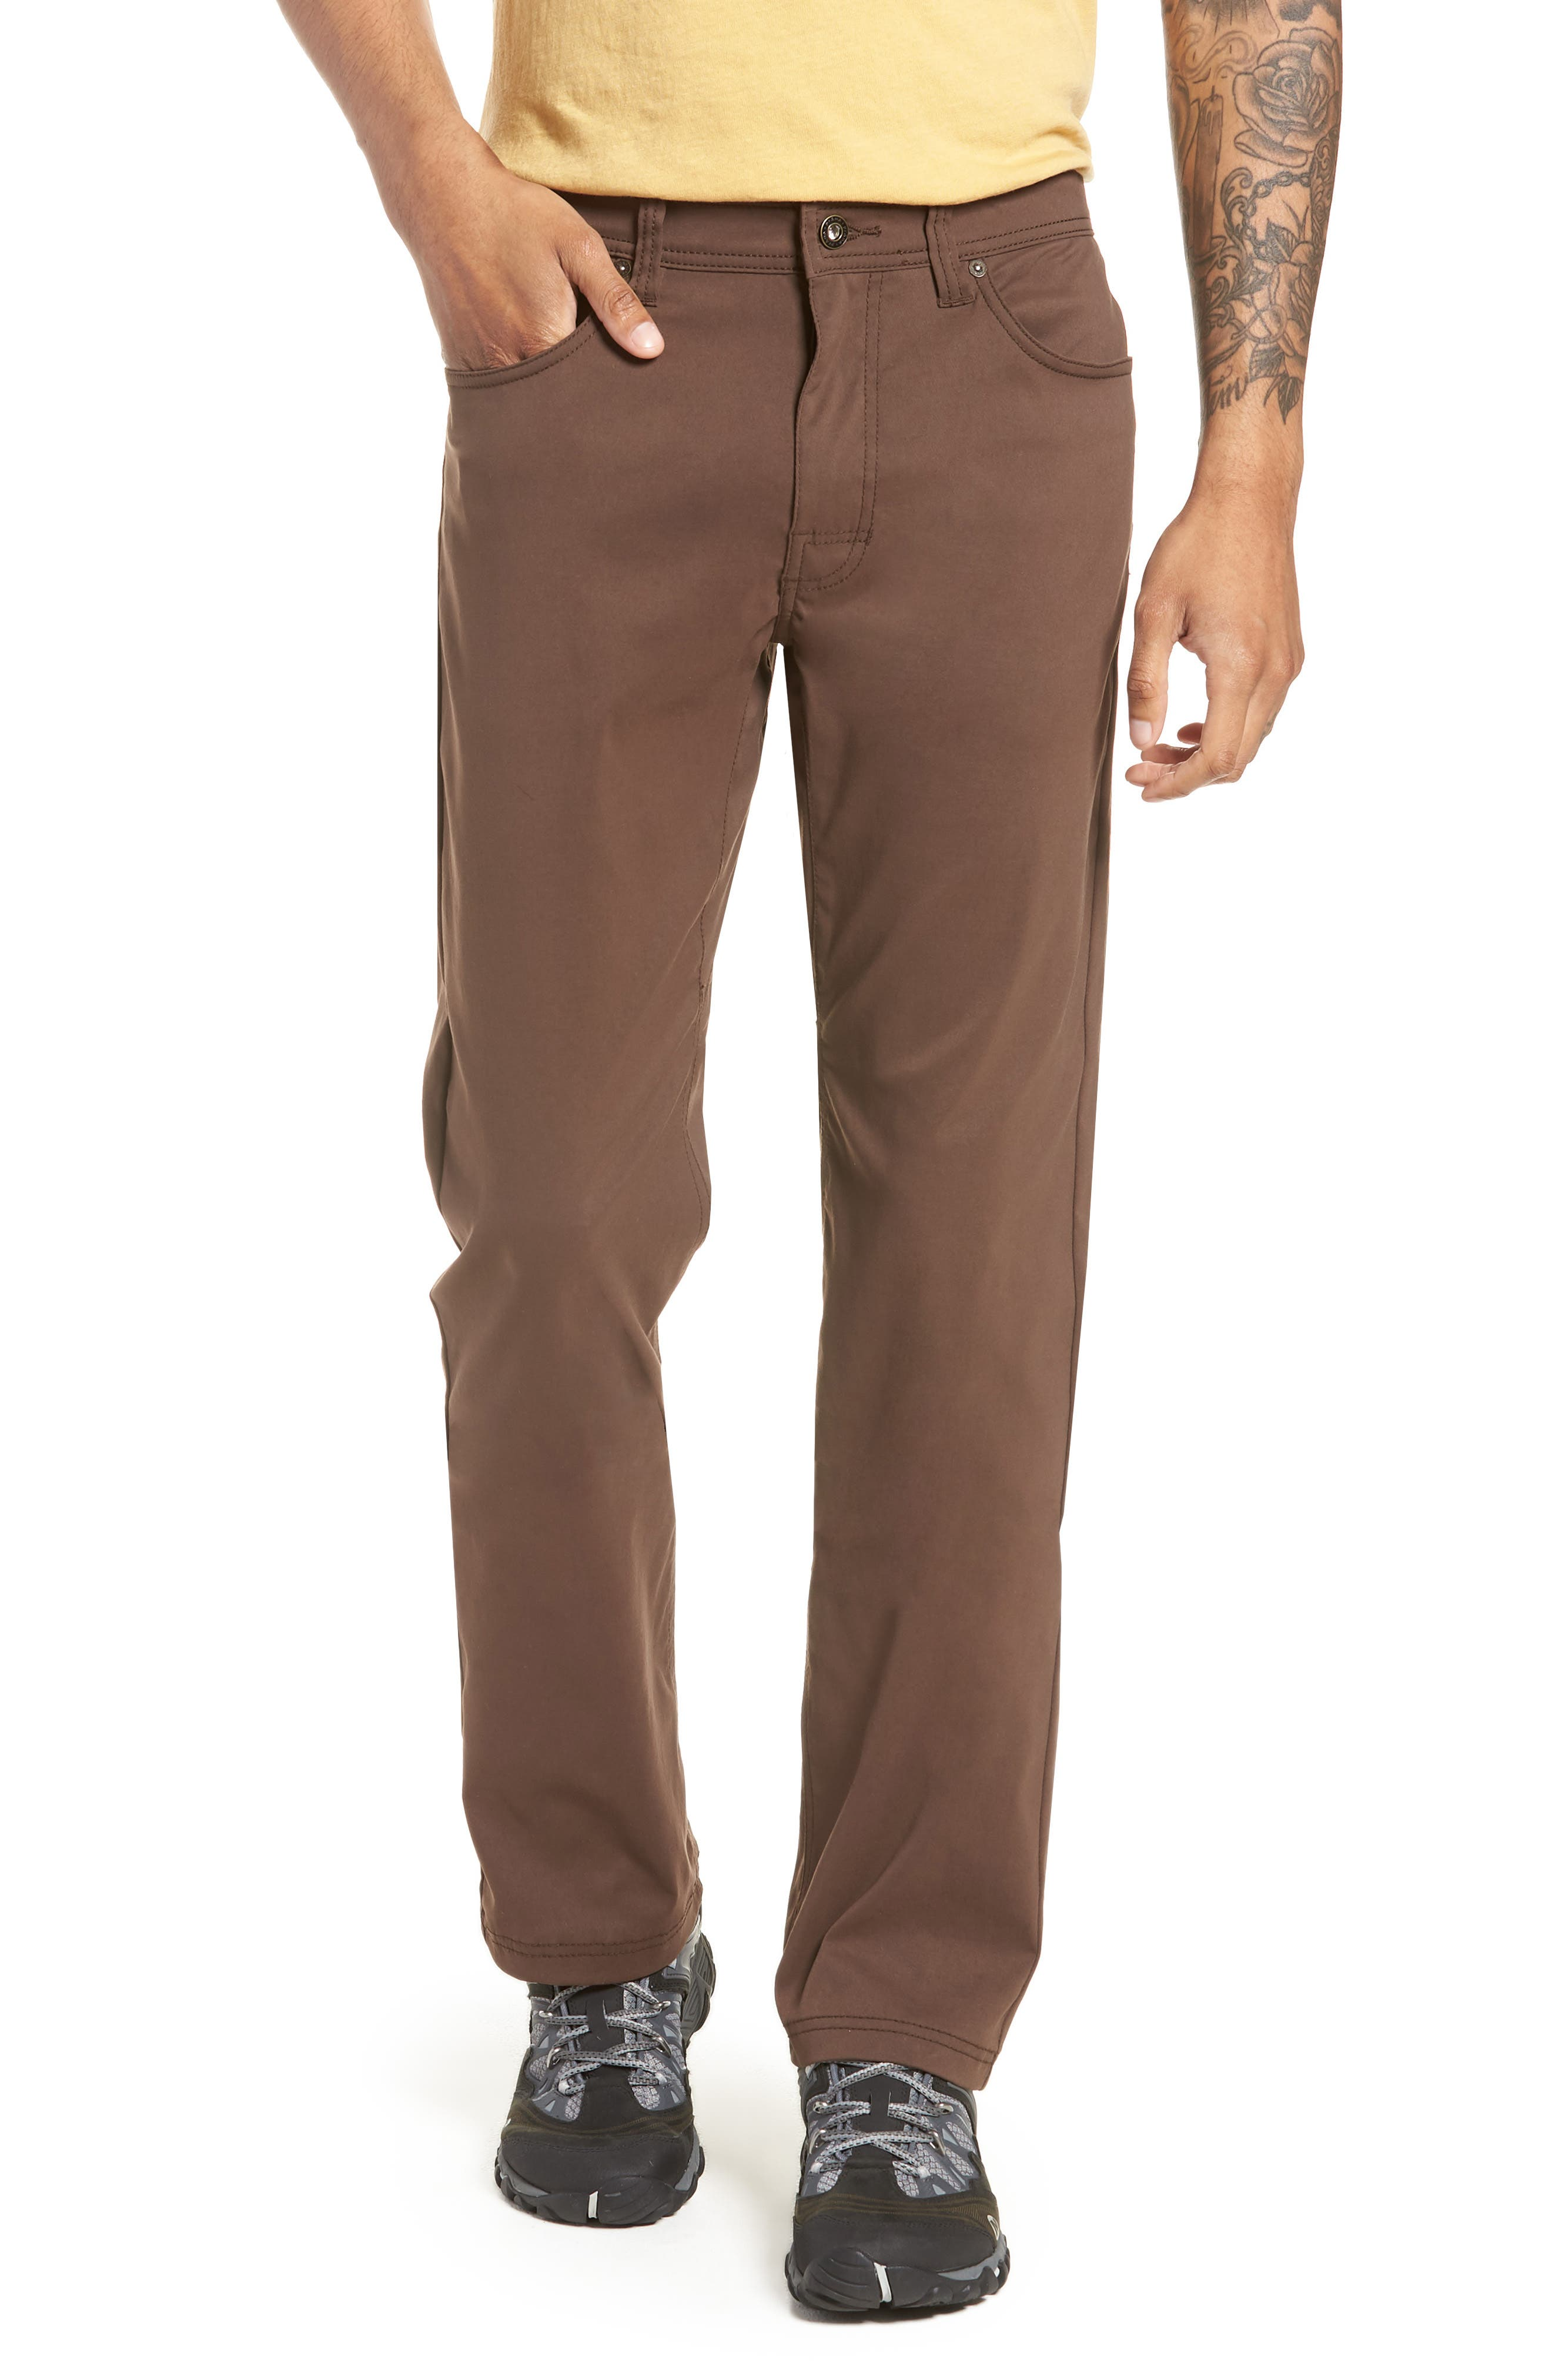 PRANA Brion Slim Fit Pants in Coffee Bean